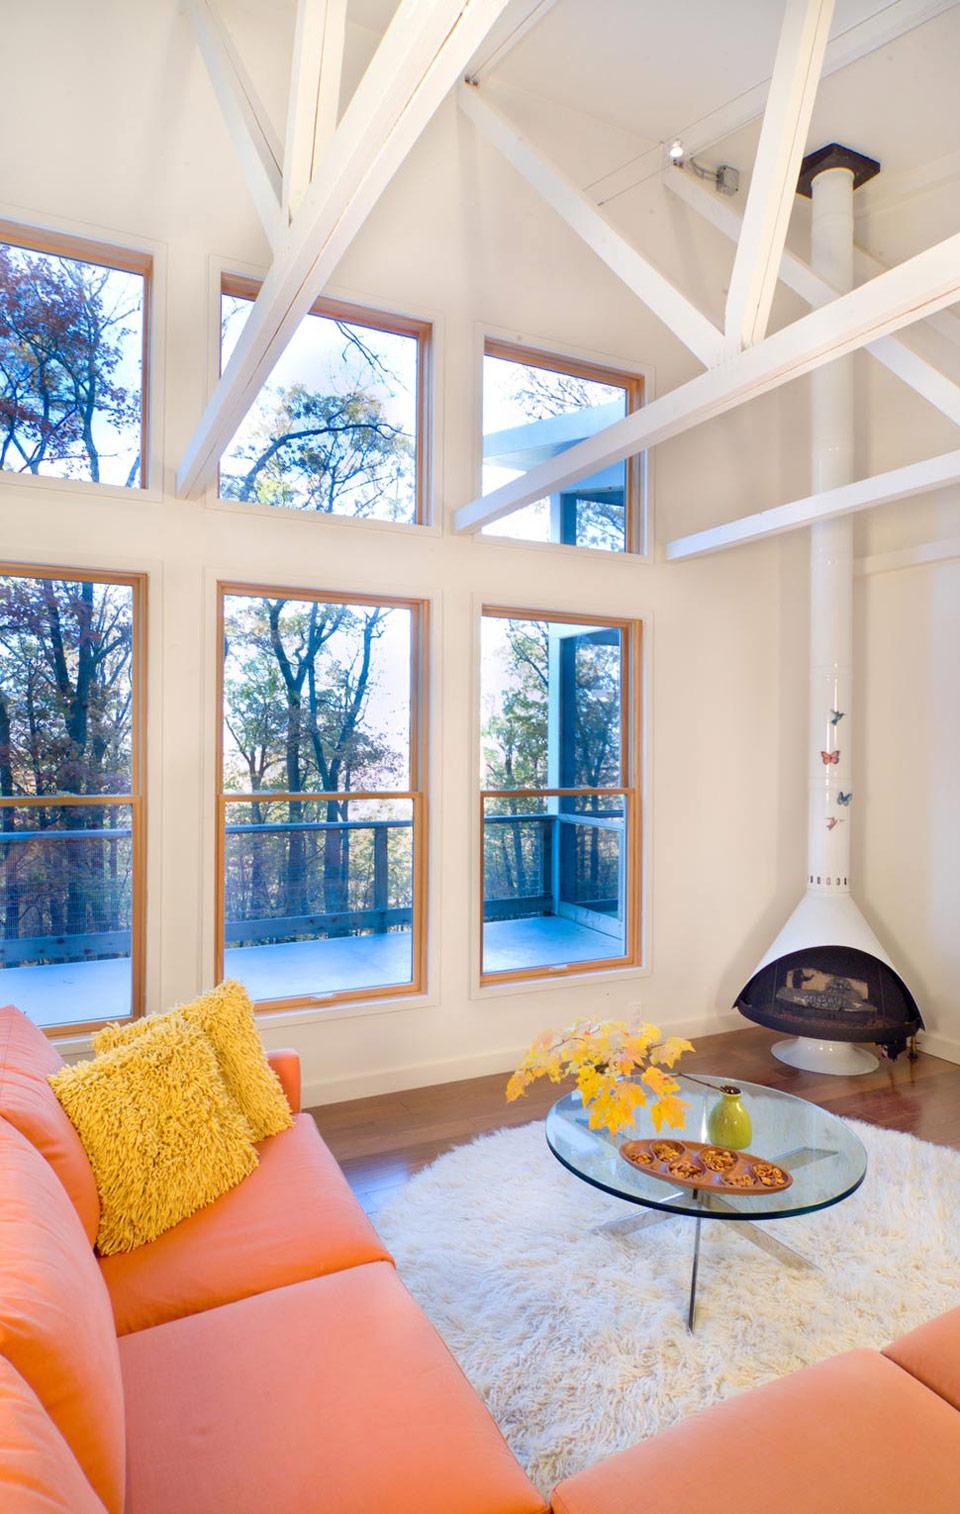 star-tannery-cabin-reader-swartz-architects-3